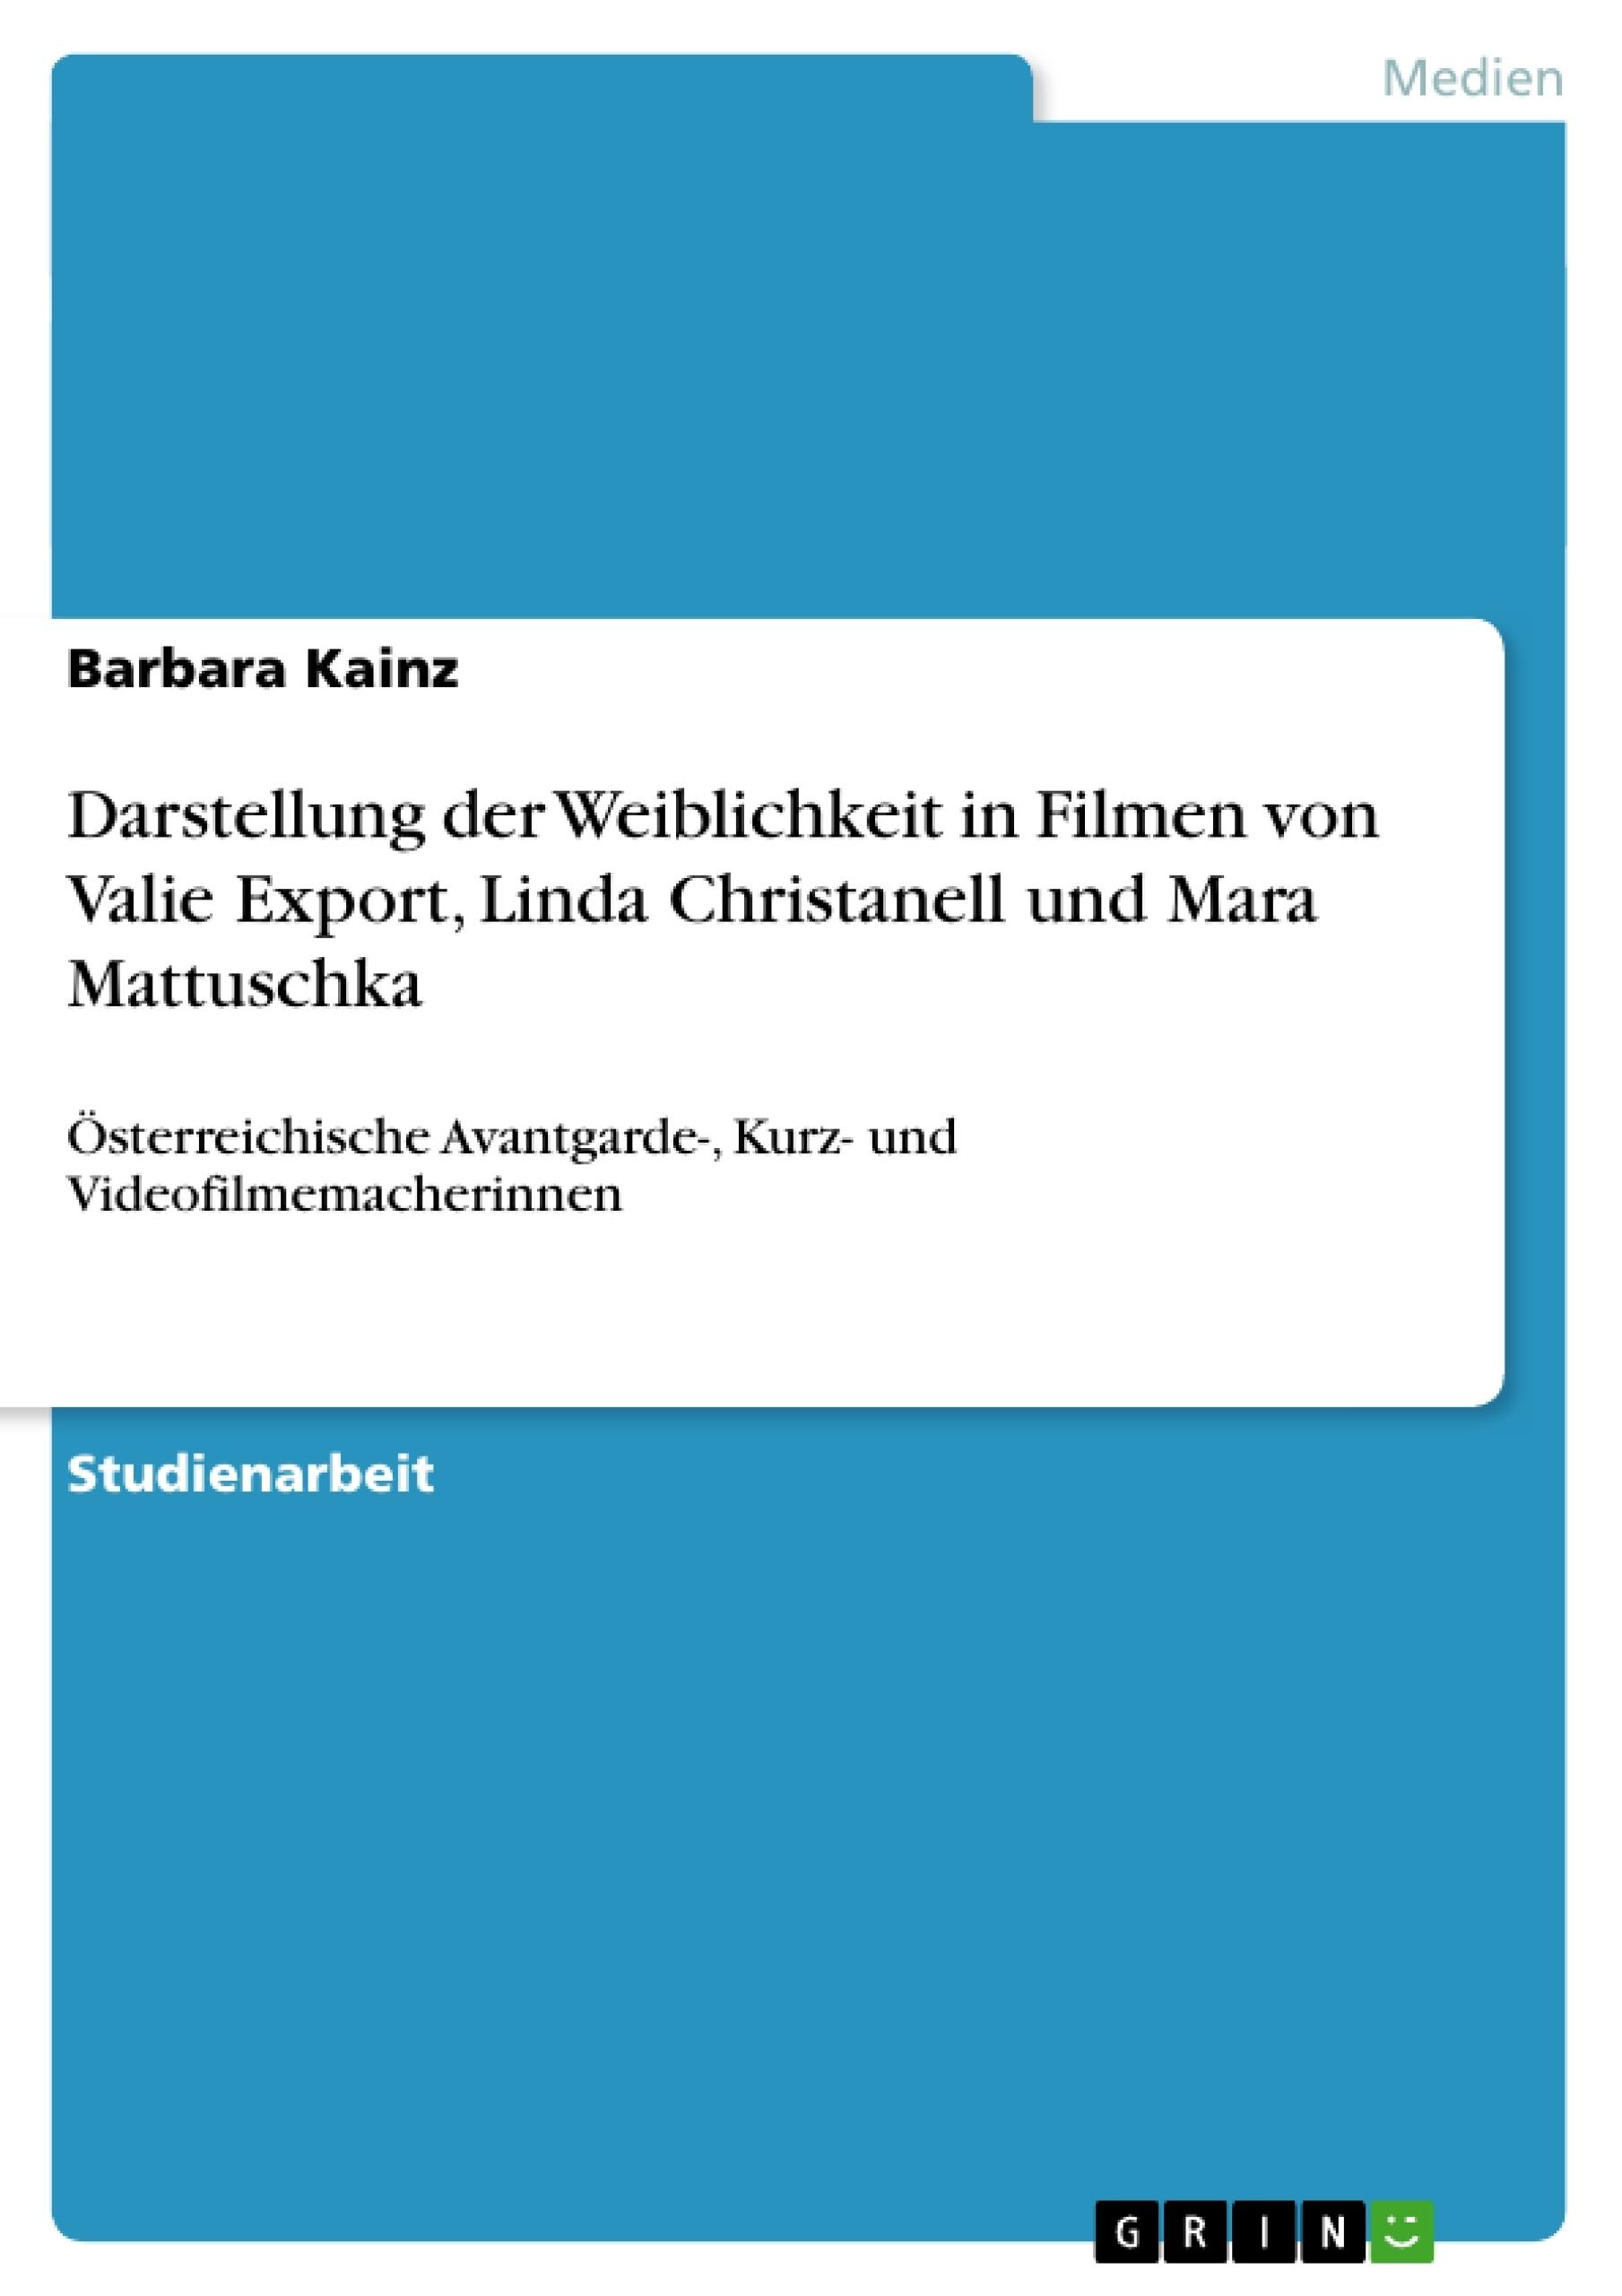 Titel: Darstellung der Weiblichkeit in Filmen von Valie Export, Linda Christanell und Mara Mattuschka